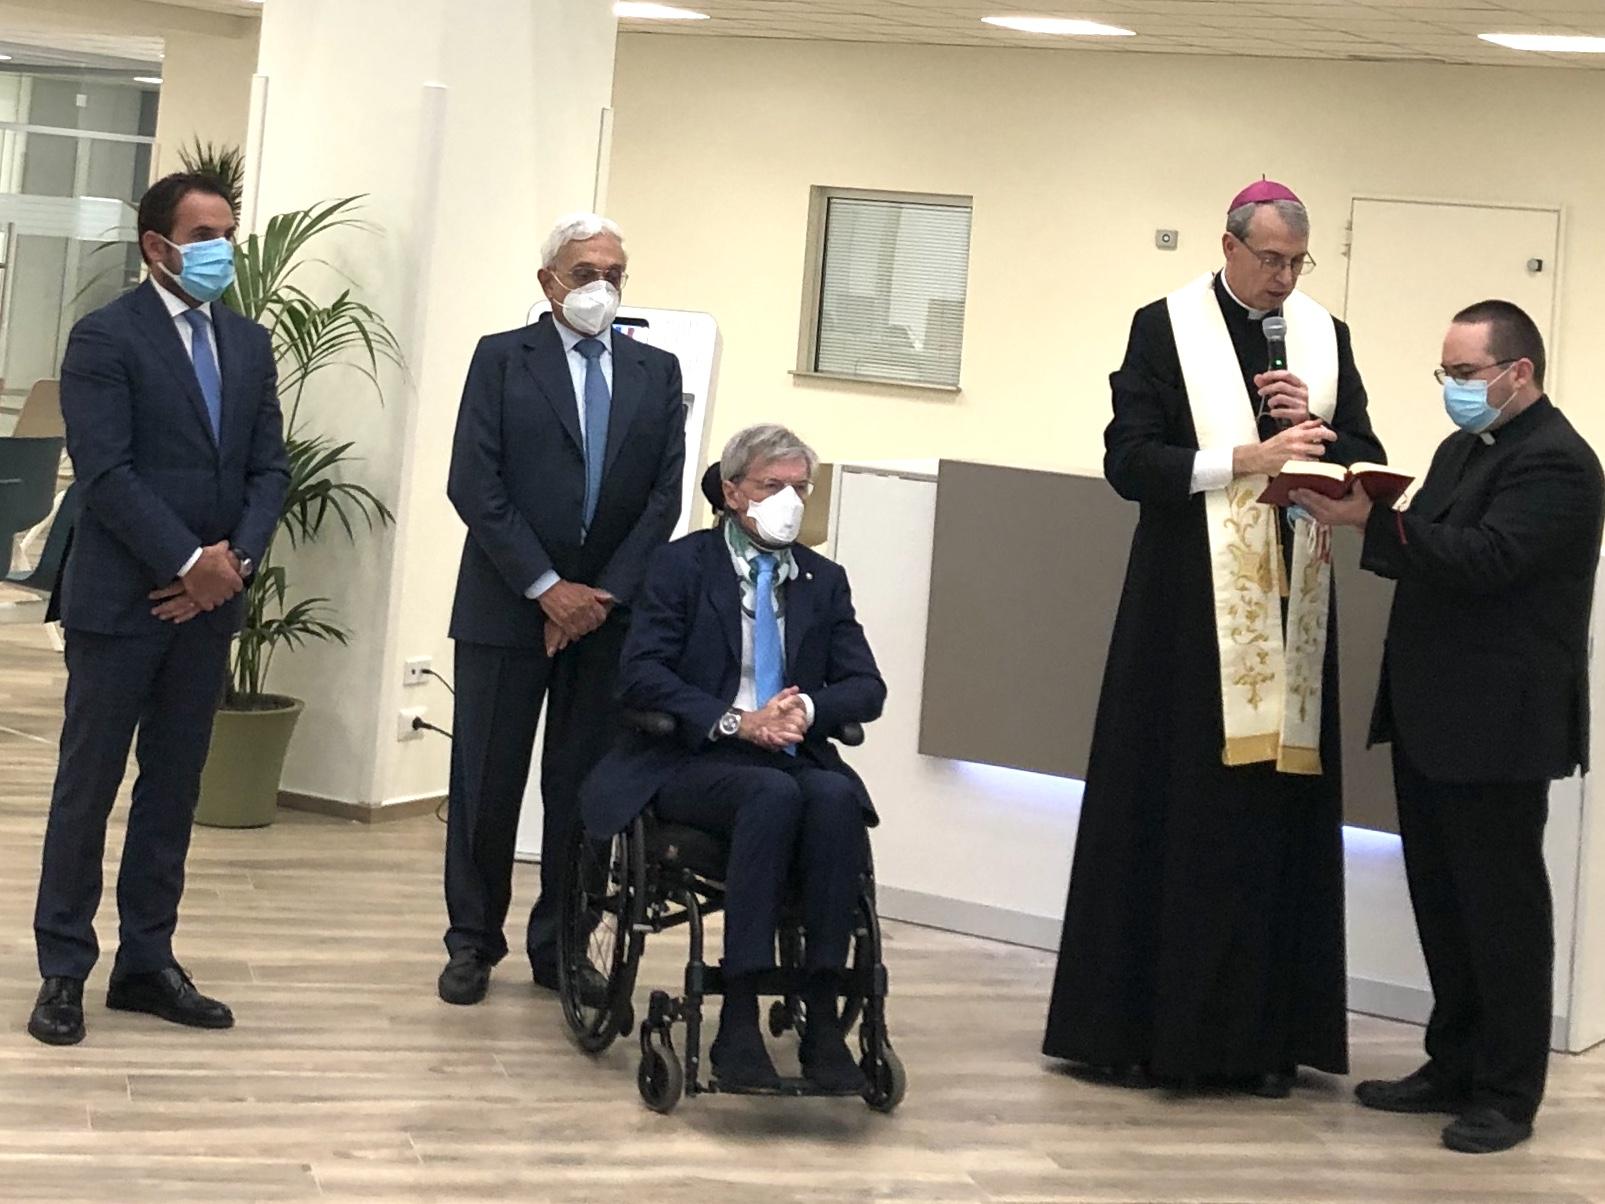 da sinistra, il direttore dell'IRCCS, Giuseppe Laganga, il presidente di ICS Maugeri, Gualtiero Brugger, l'a.d. Mario Melazzini, il vescovo Corrado Sanguineti